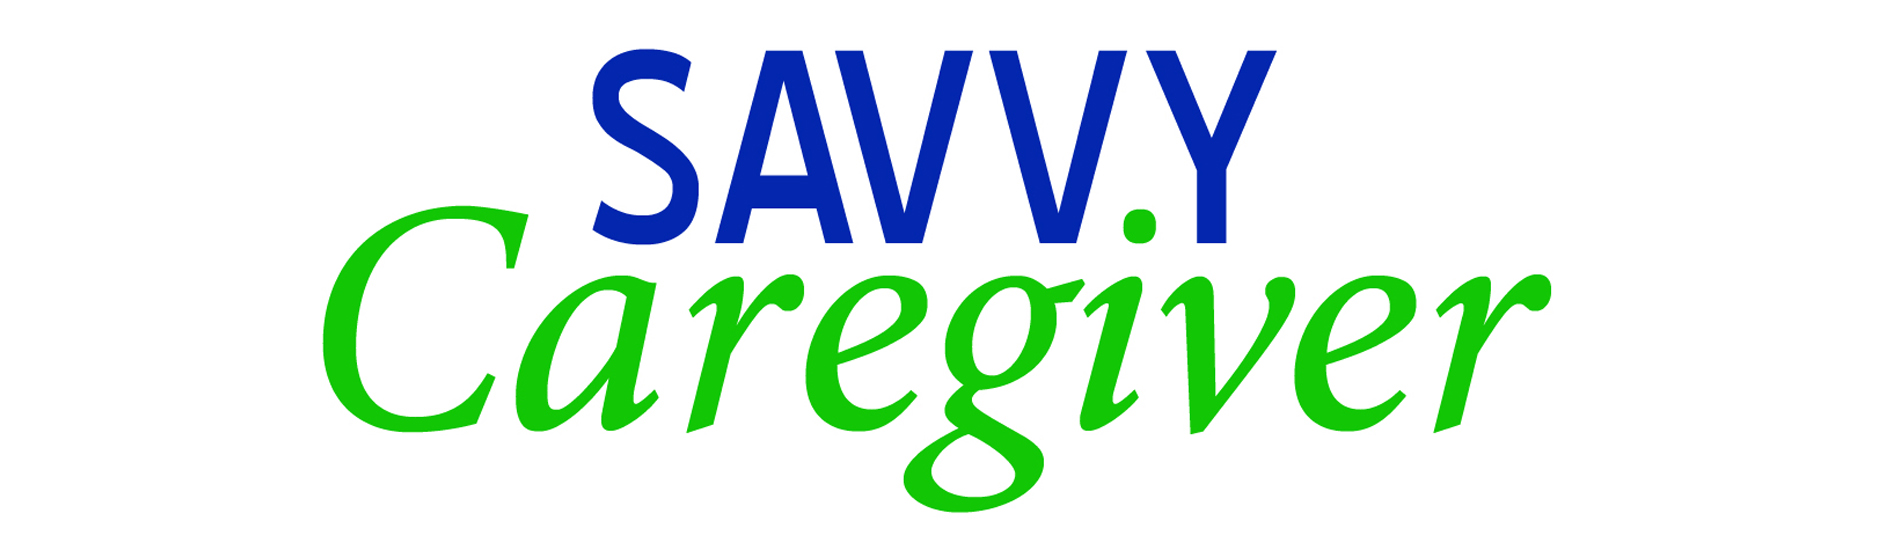 Savvy Caregiver